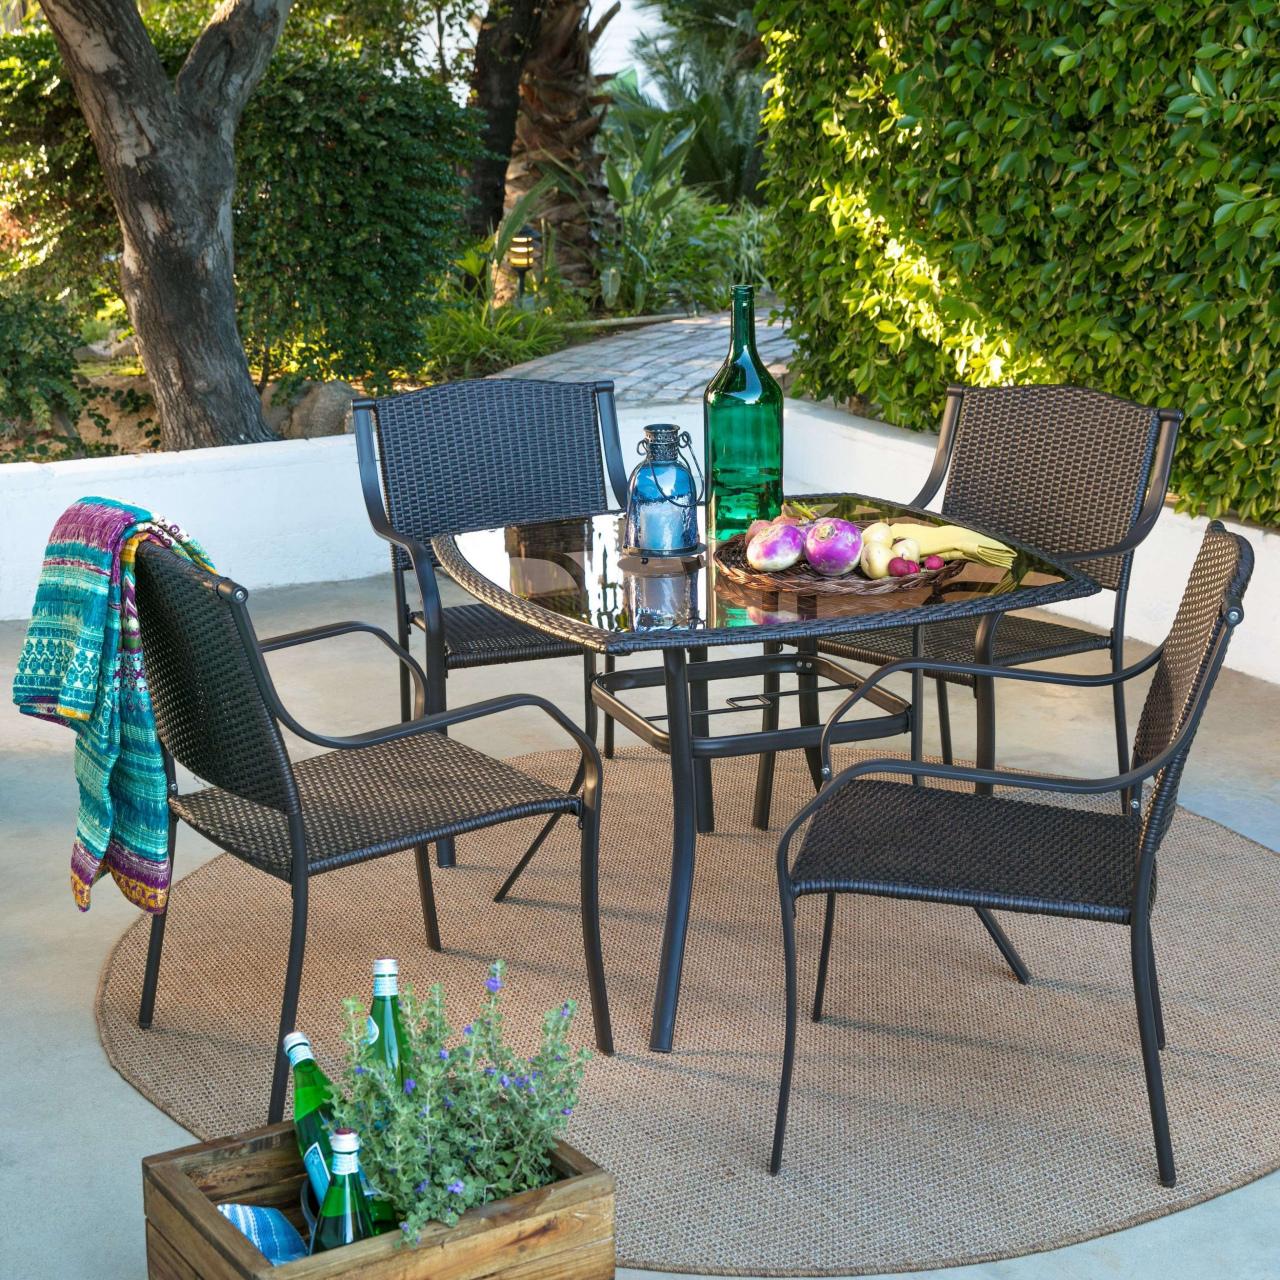 bistro patio set sofa garten neu best garden furniture with luxury coral coast patio durch bistro patio set